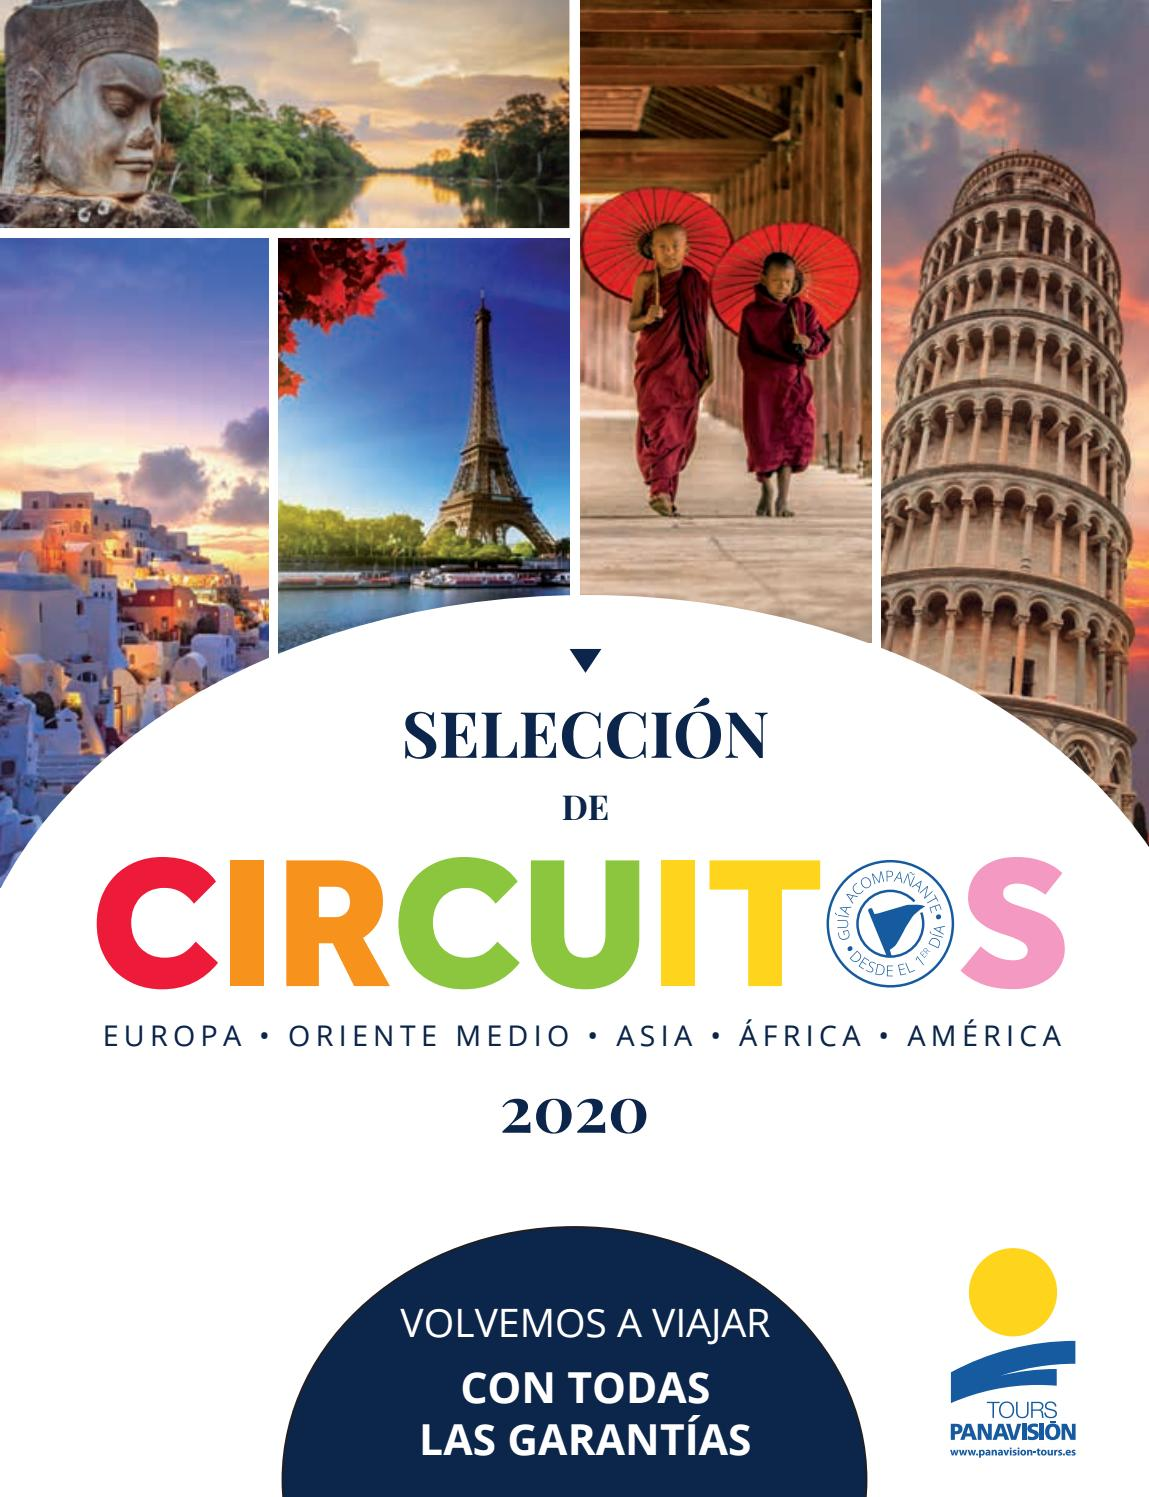 Selección de Circuitos 2020 by Panavision Tours - issuu